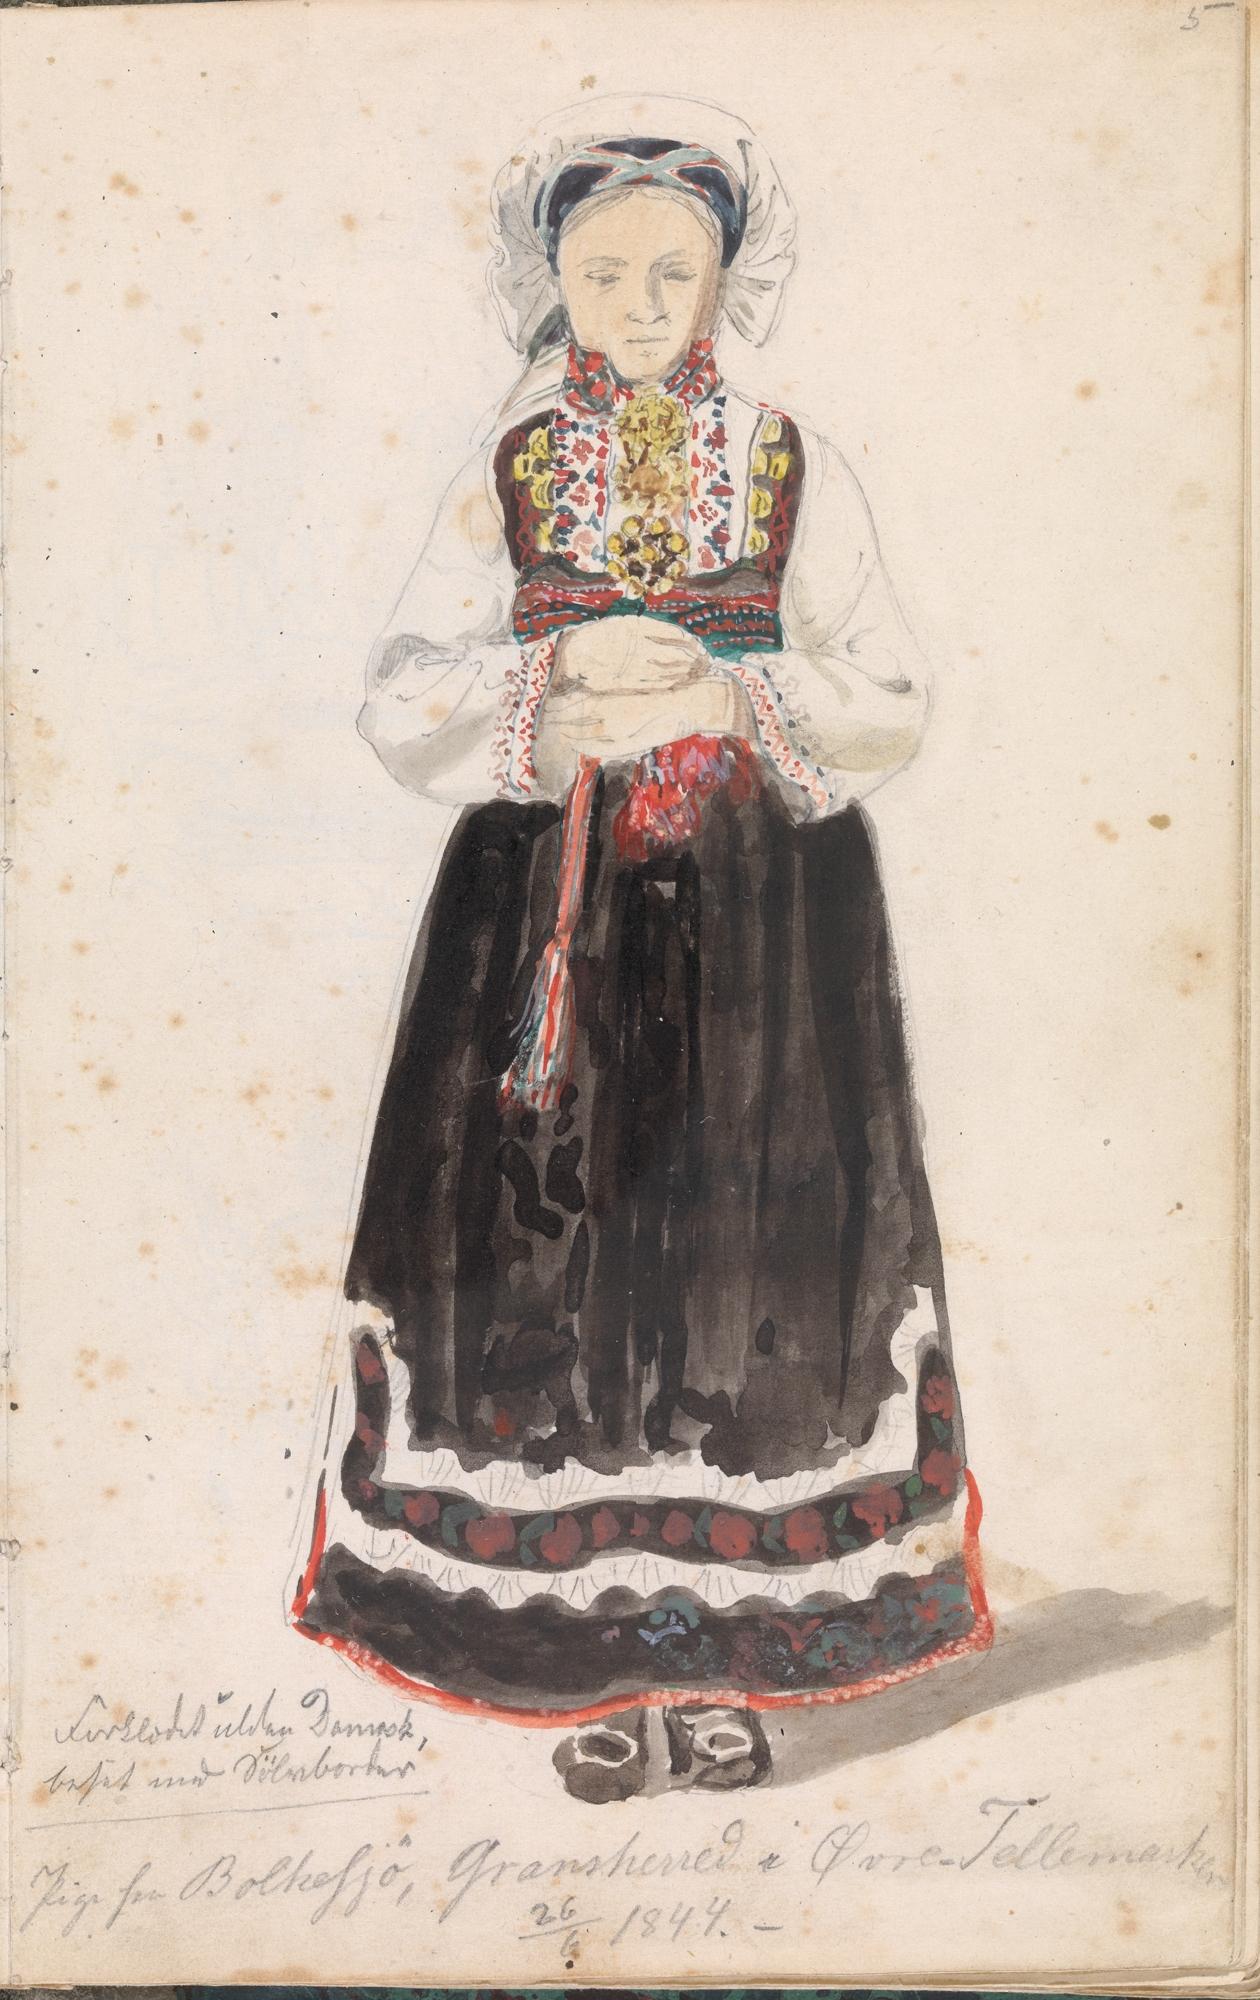 Pige fra Bolkesjö, Gransherred i Øvre Tellemarken, 26. juni 1844. Foto: Nasjonalmuseet CC-BY-NC